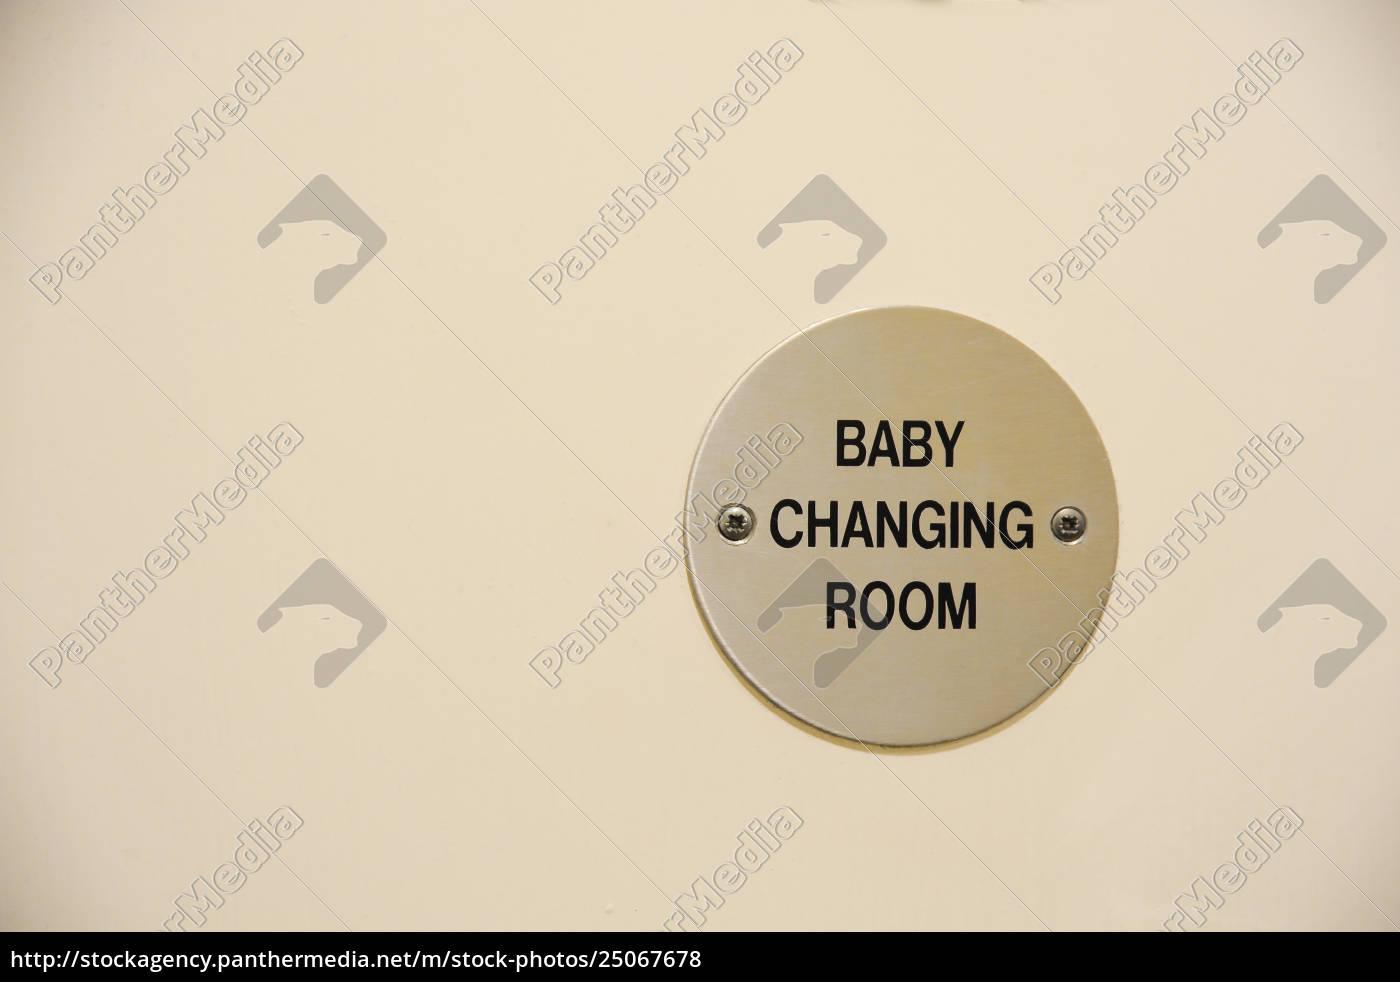 door, sign, note, changing, room - 25067678